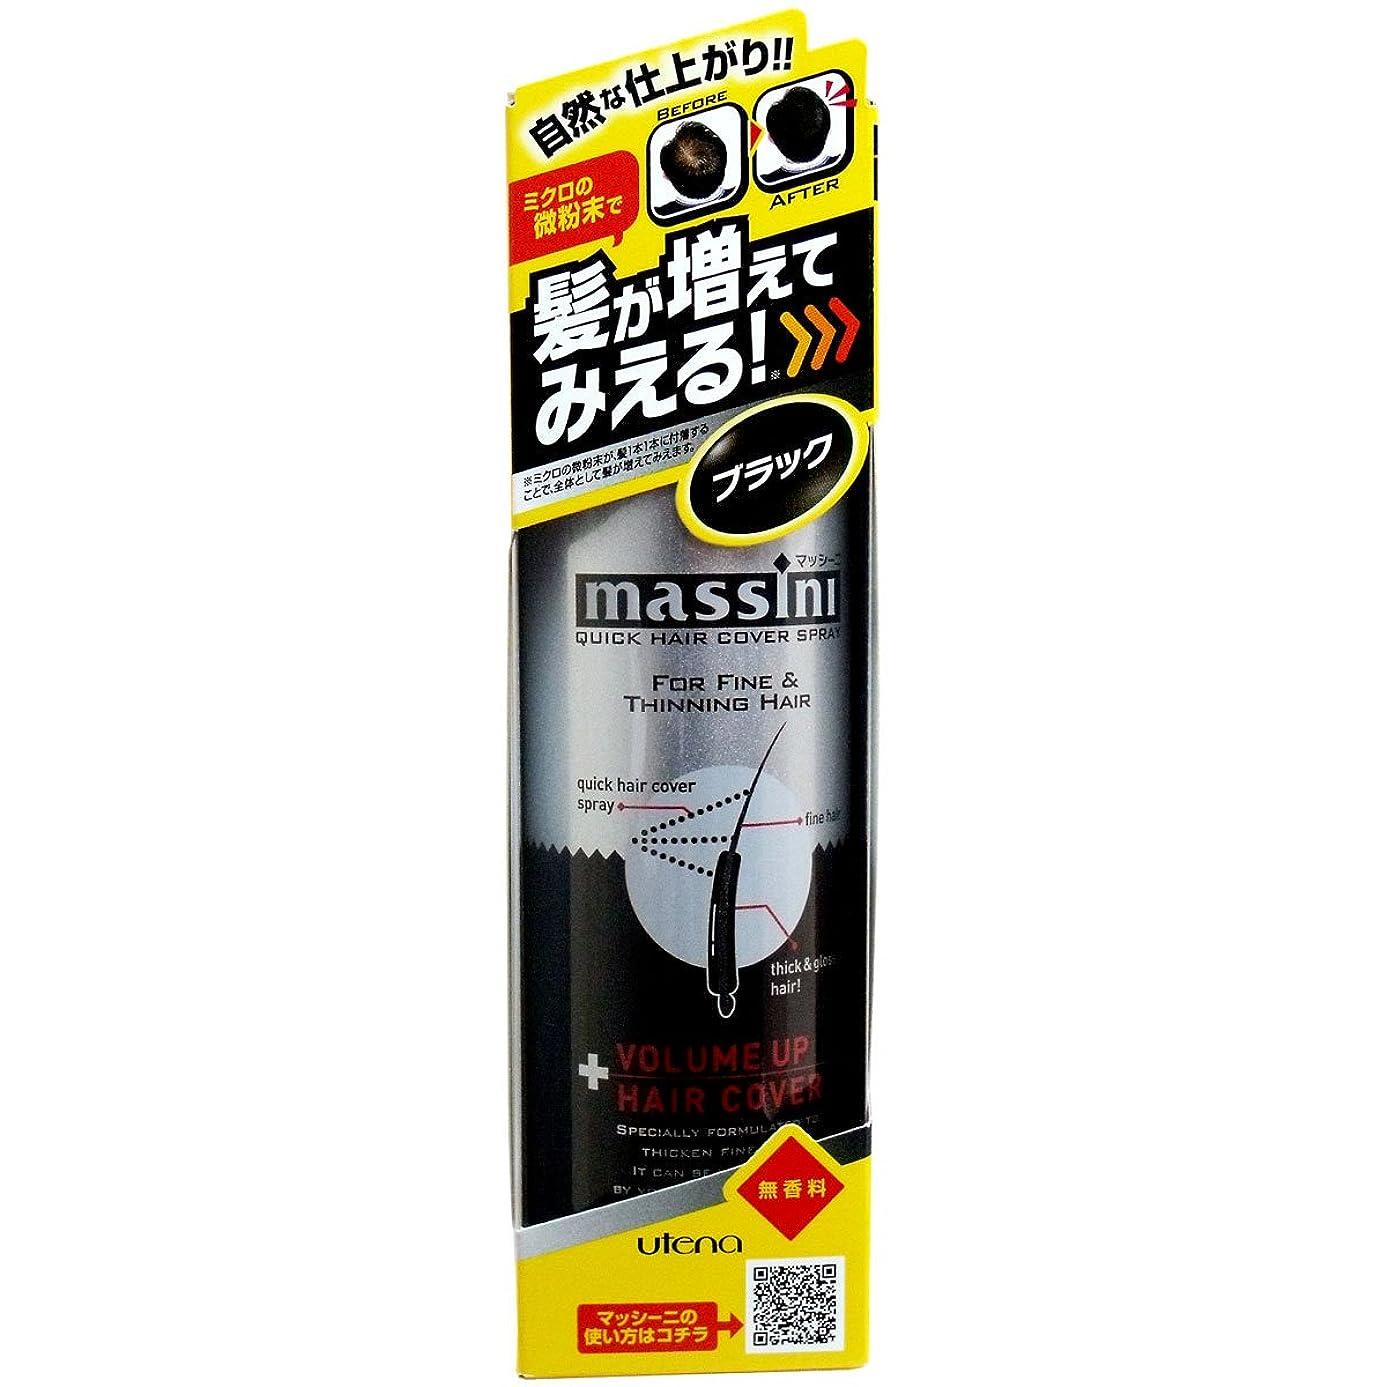 憂慮すべき基礎ゴールド【ウテナ】マッシーニ クィックヘアカバースプレー(ブラック) 140g ×10個セット